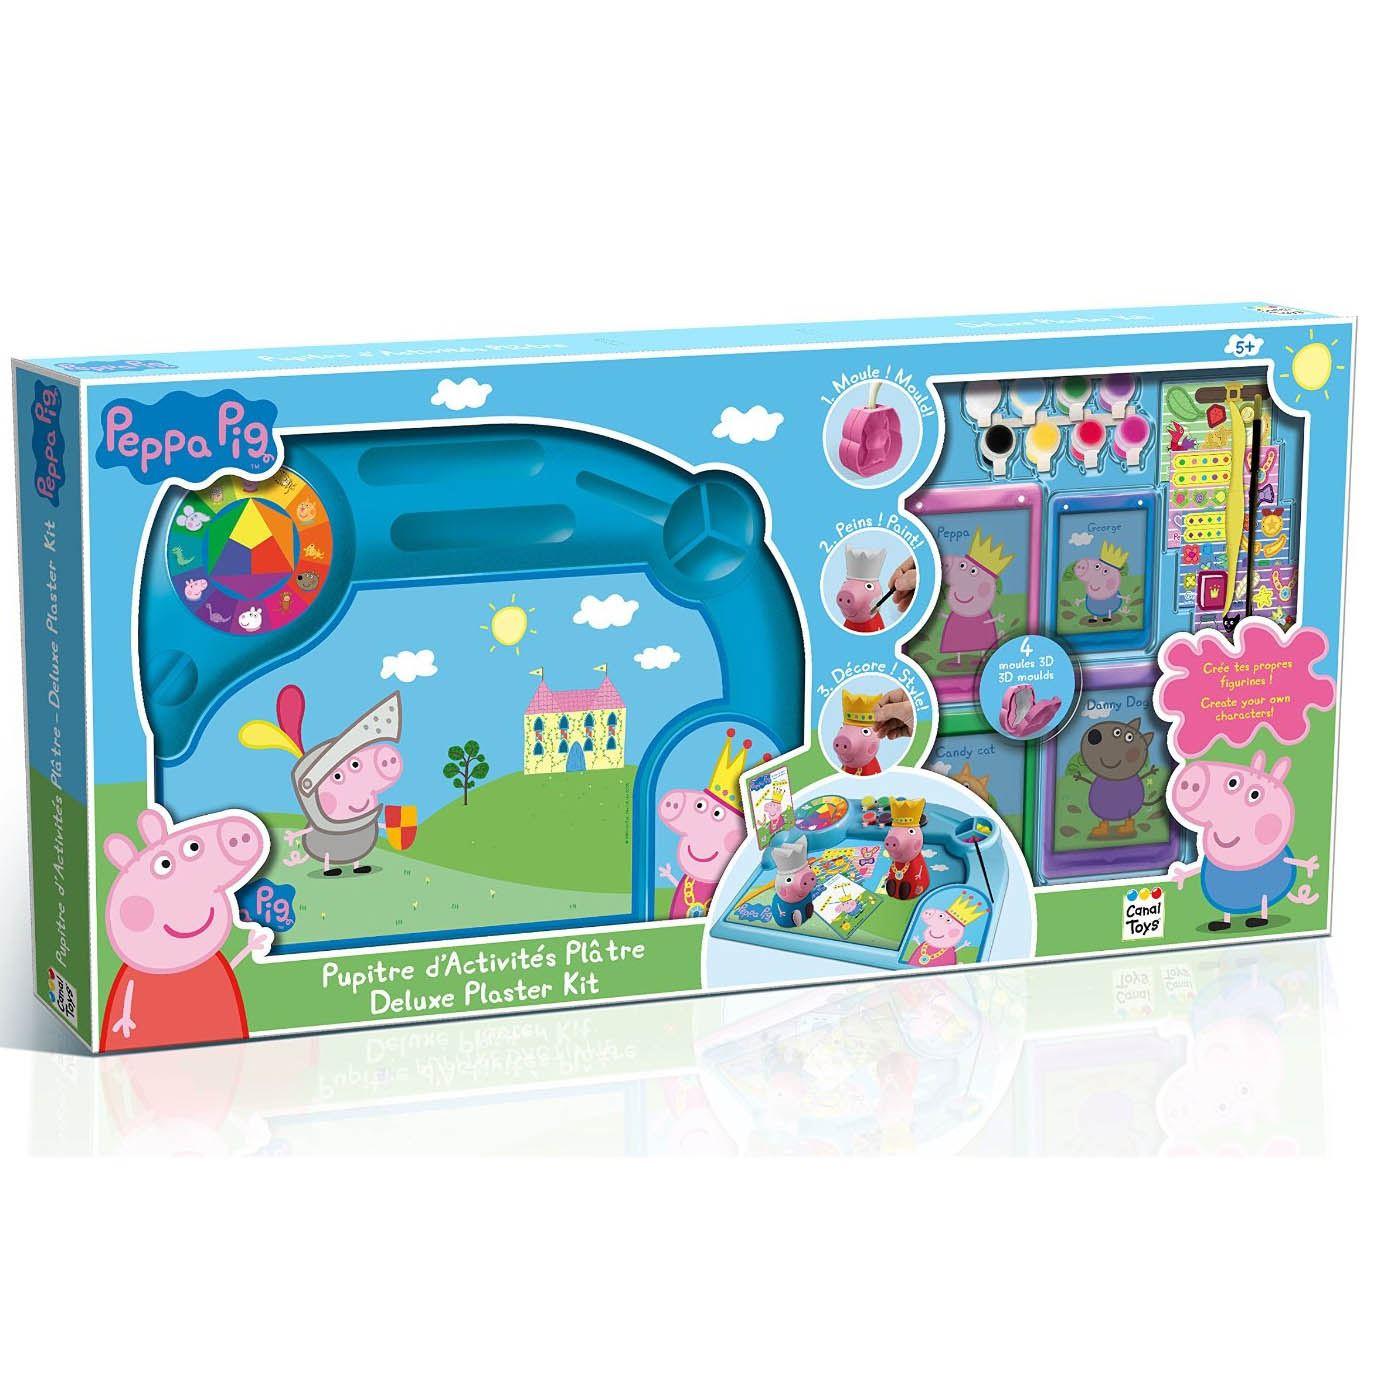 peppa pig activit s pour les enfants peinture amusant art luxe moule pl tre kit ebay. Black Bedroom Furniture Sets. Home Design Ideas